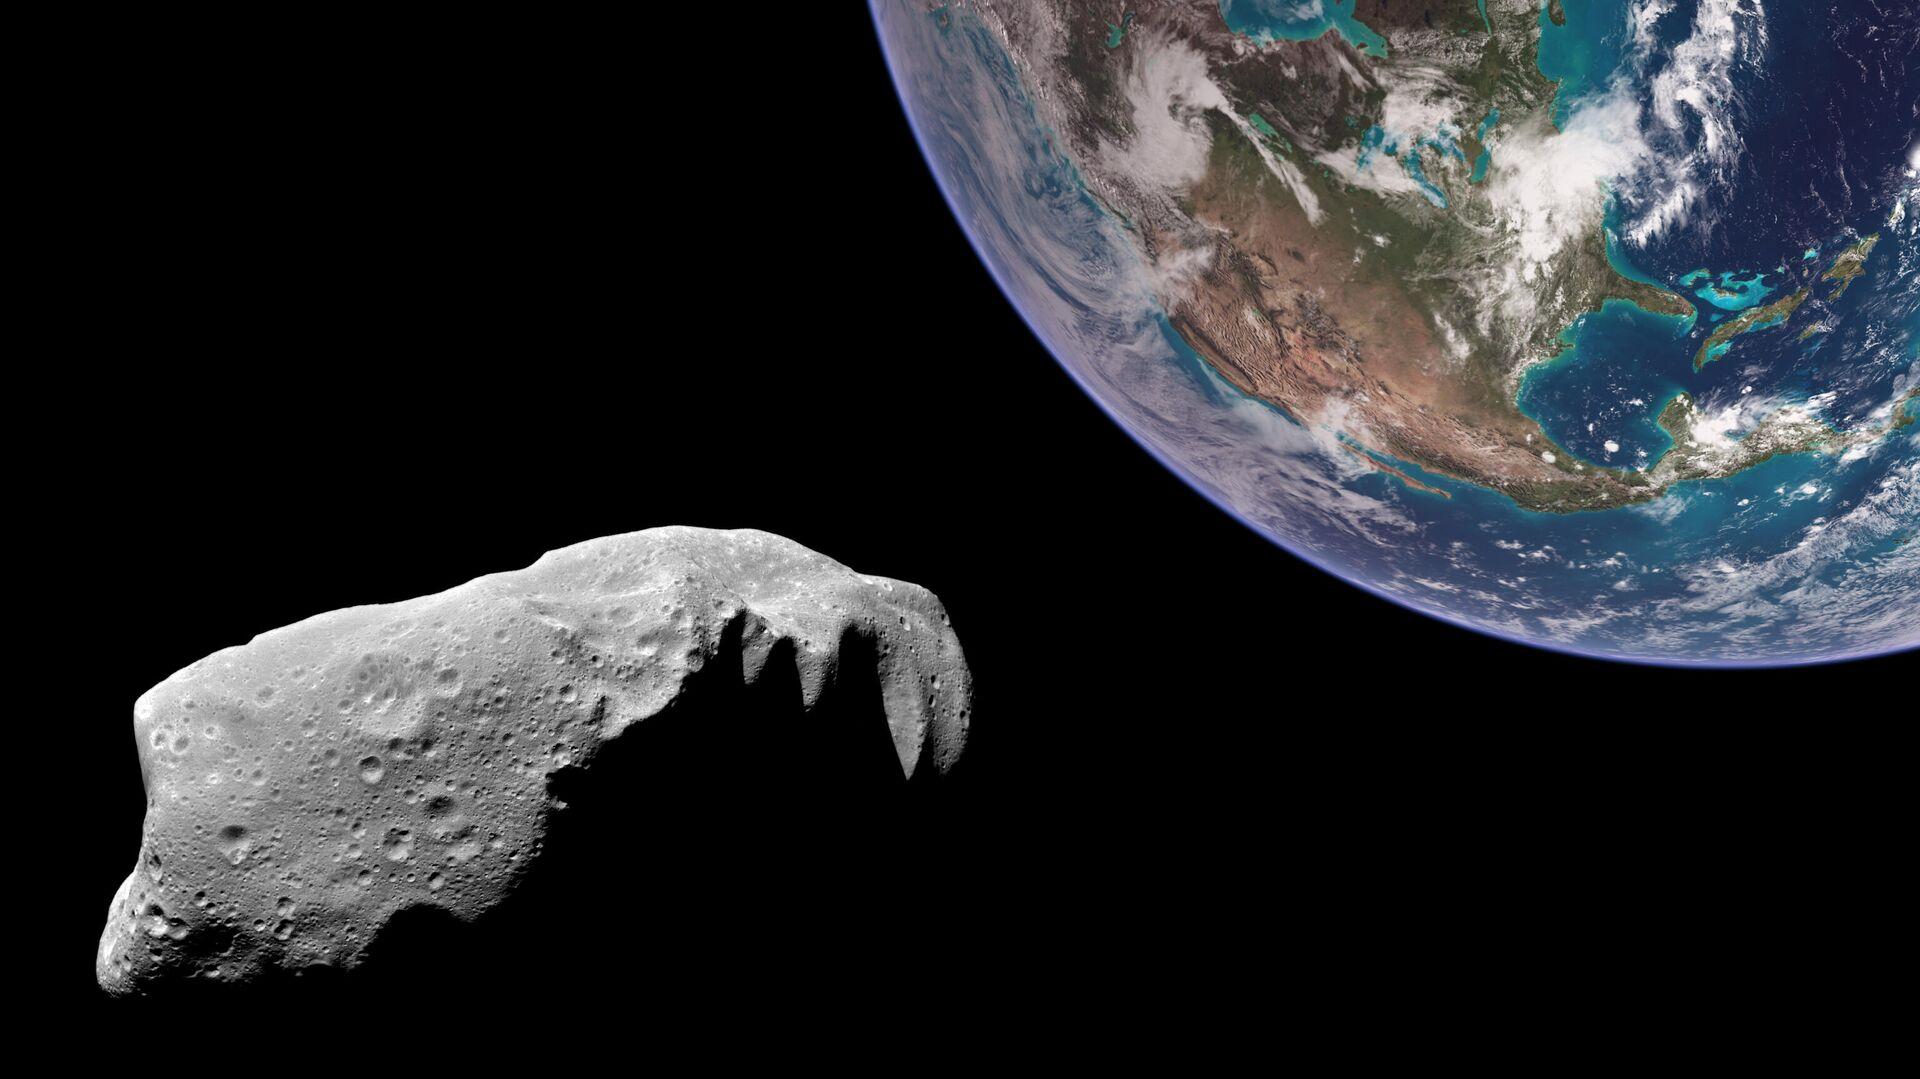 Астероид приближается к Земле - РИА Новости, 1920, 13.03.2021